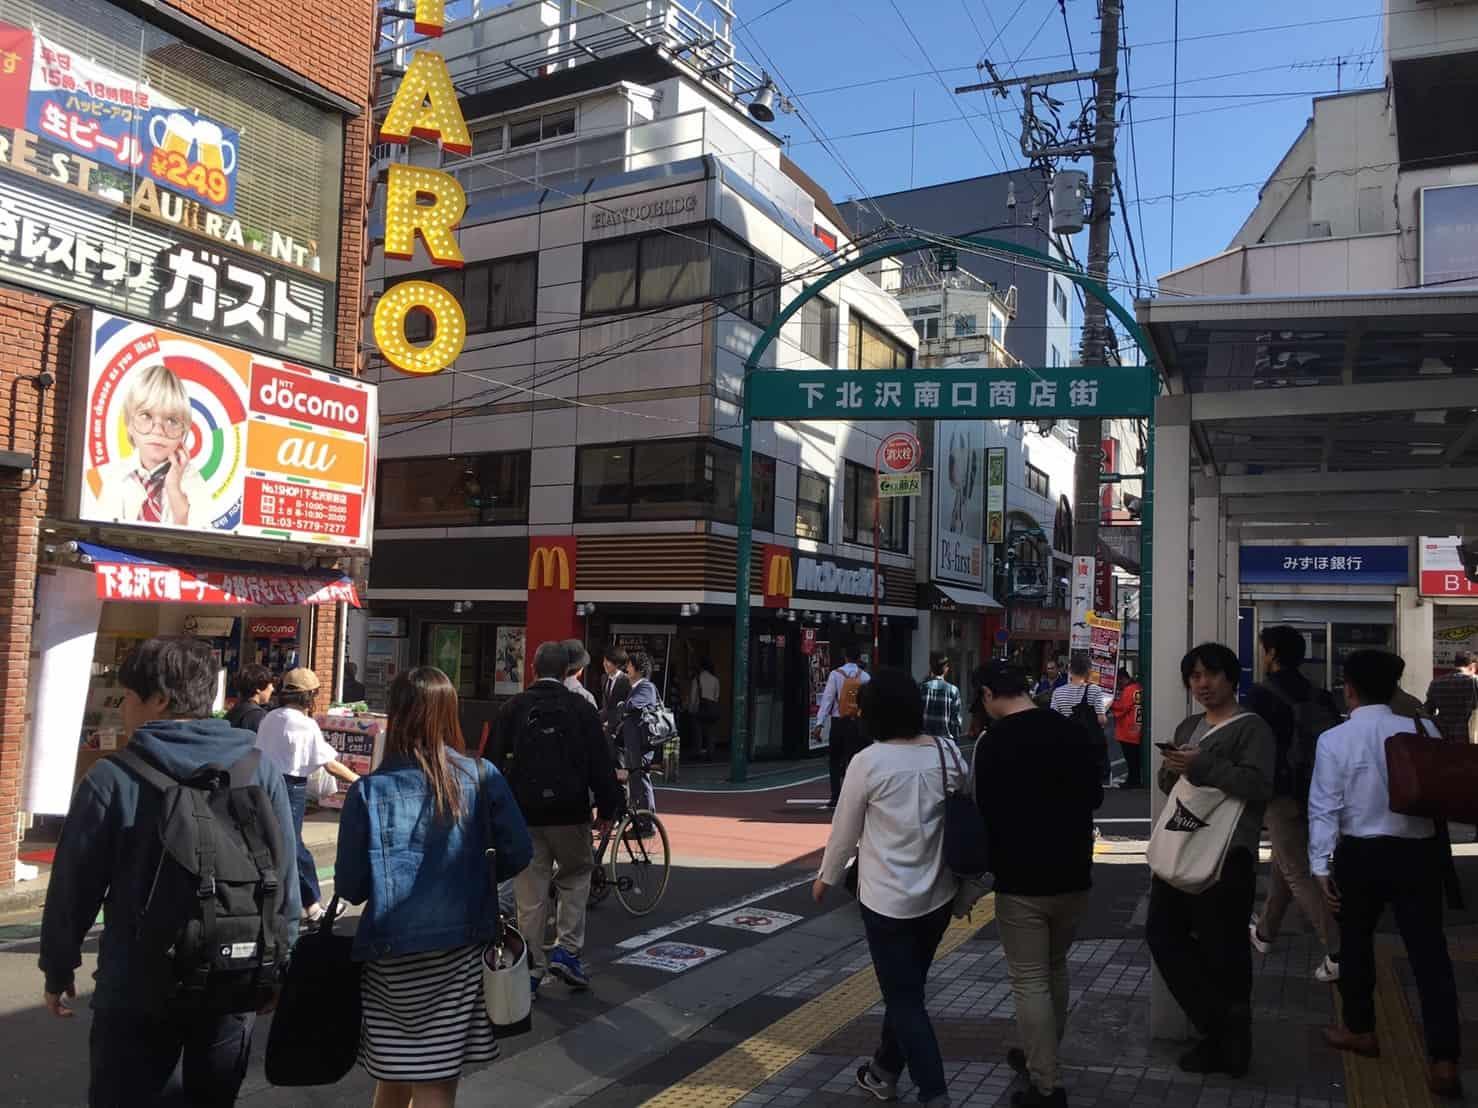 下北沢駅にある商店街の風景